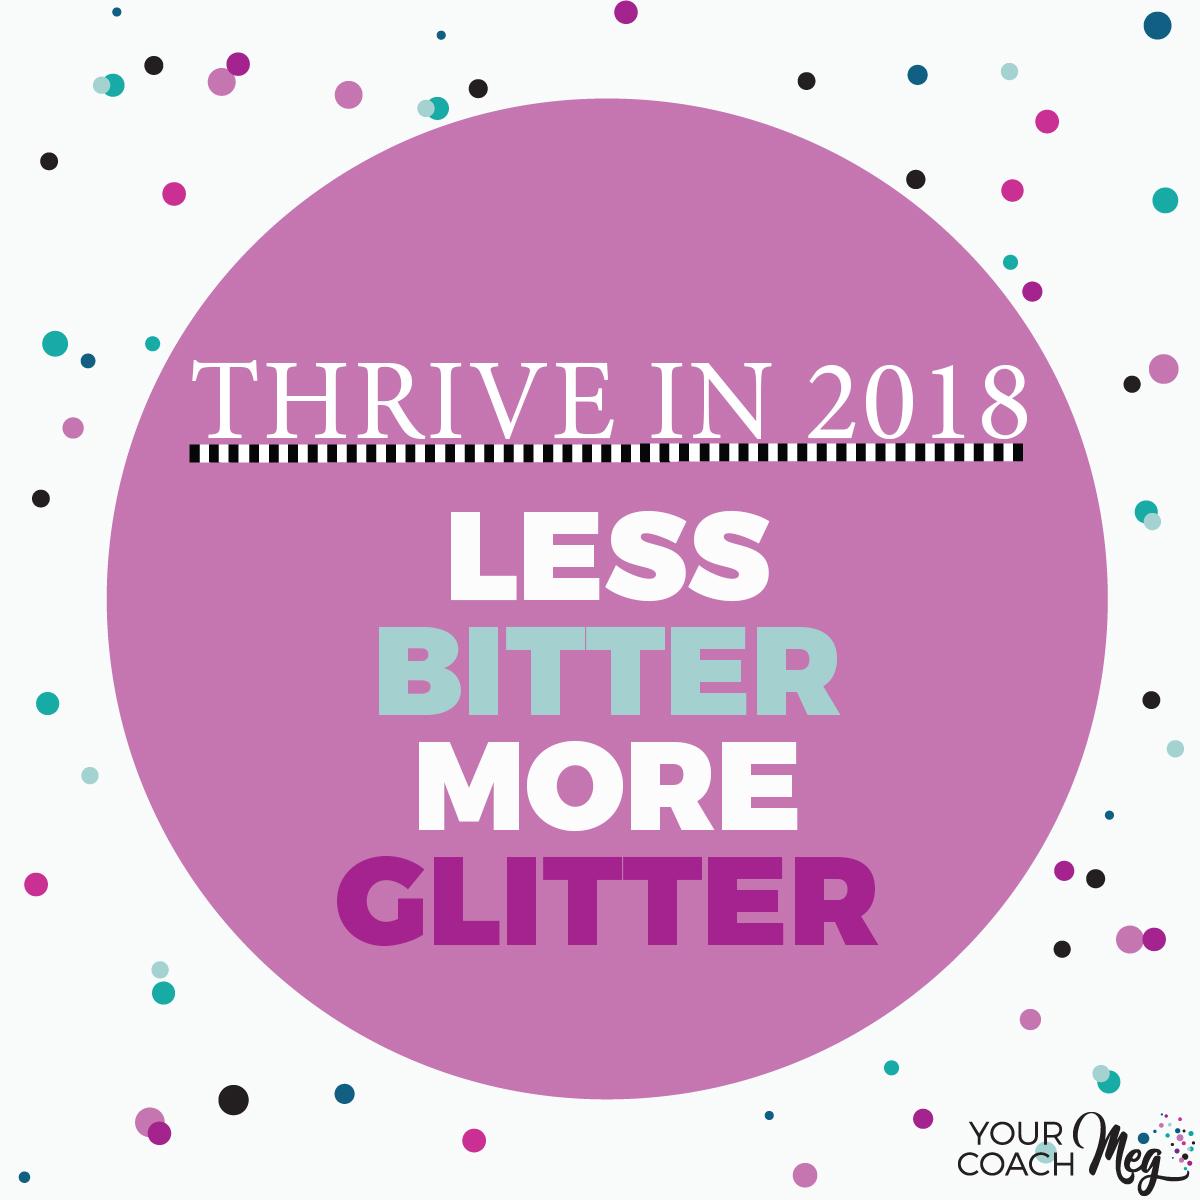 LESS BITTER MORE GLITTER IN 2018